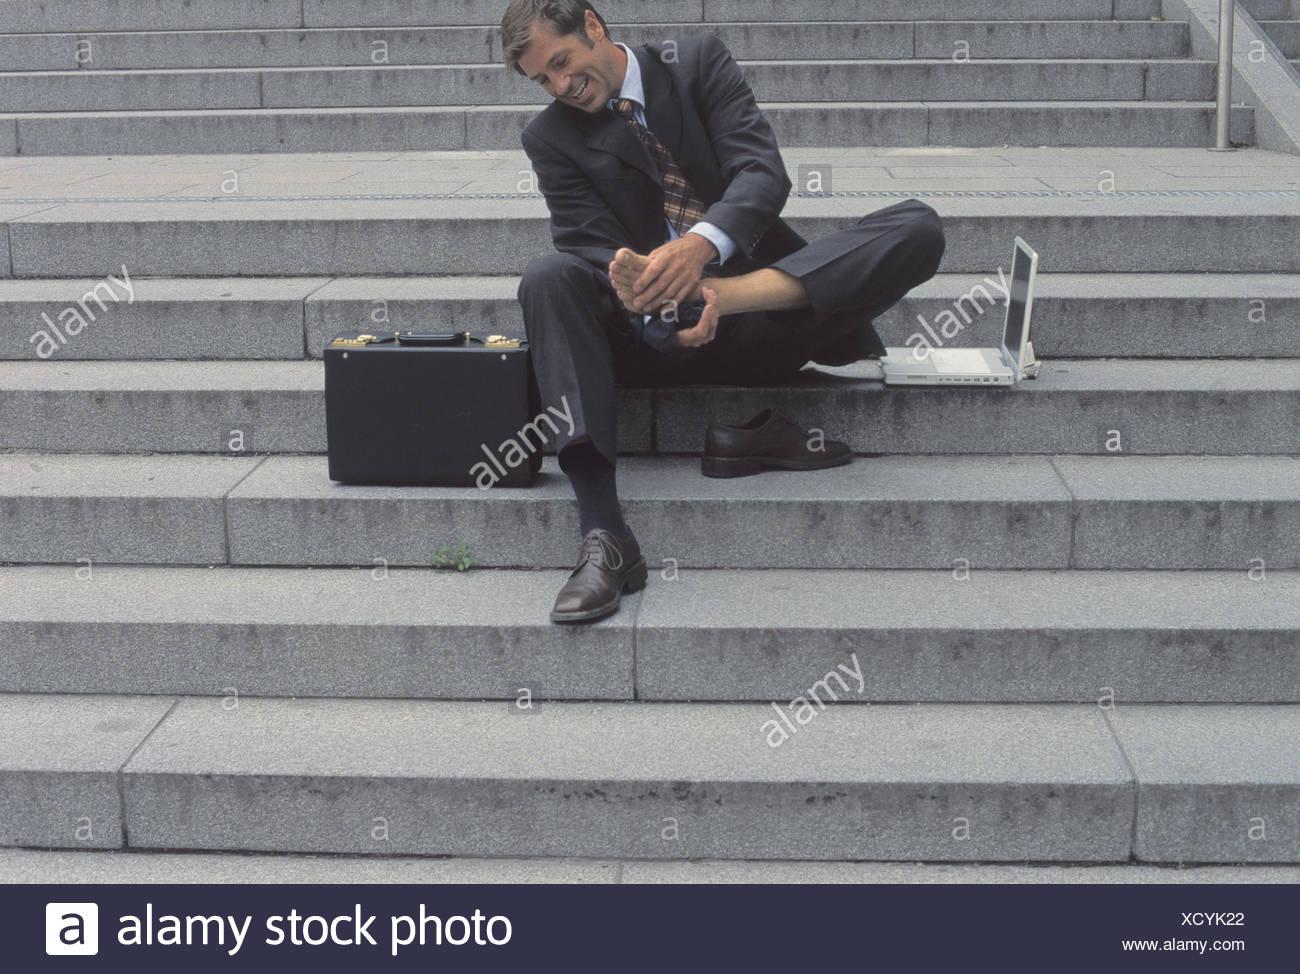 Pie Gerente Exteriores Ocupación Pulse Zapata Pasos De El Empresario Negocios Mirada Escaleras La Sit A Hombre Tira Escaleras wn7YIx4Tqx